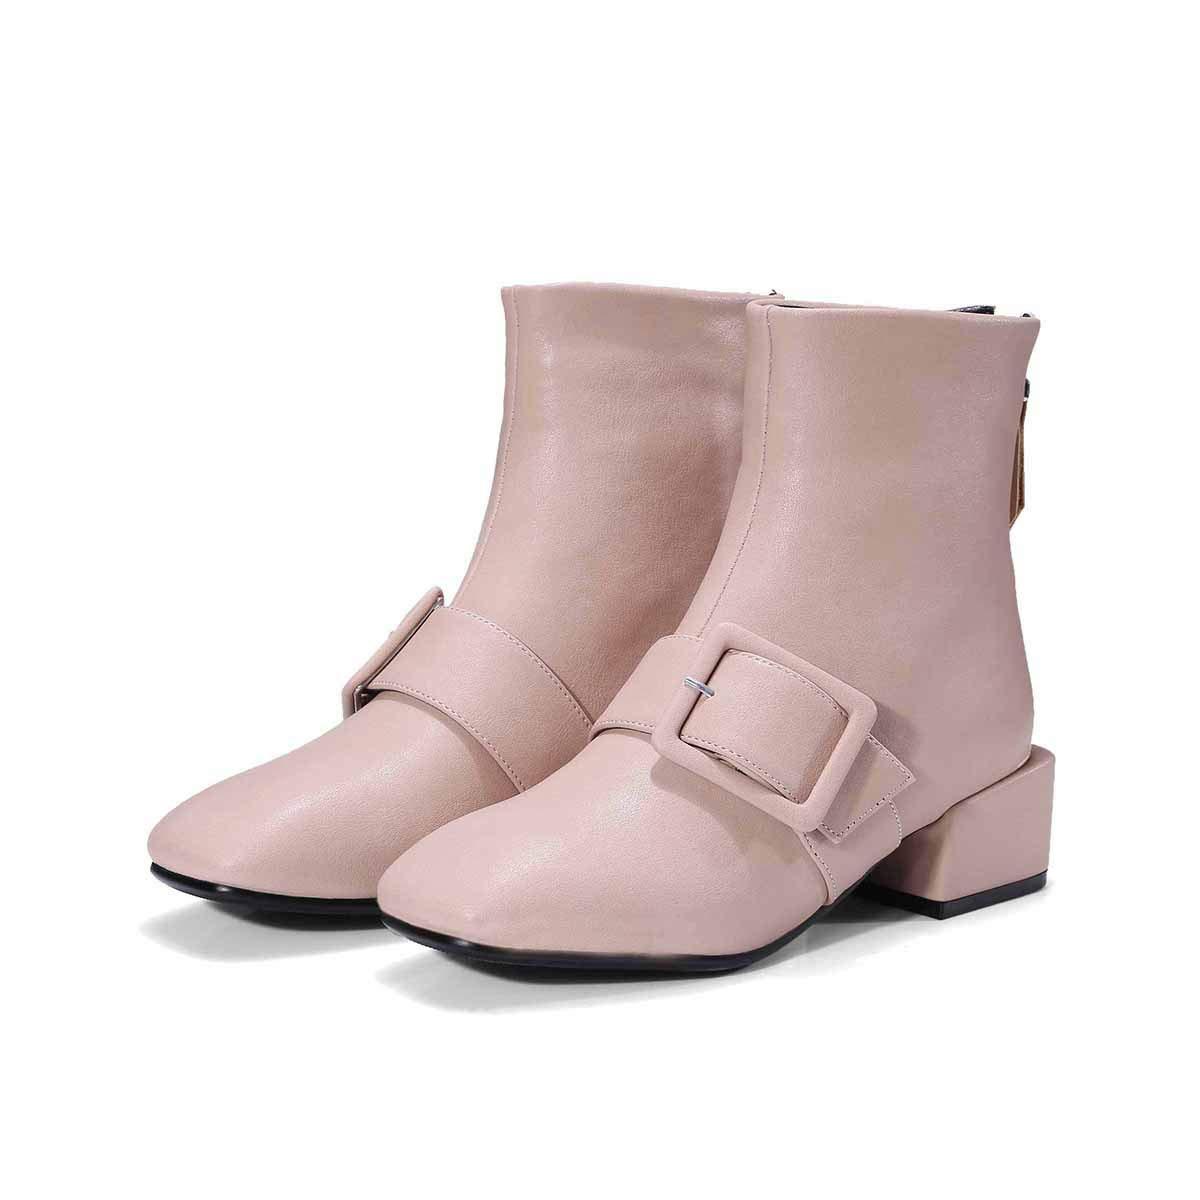 Stiefel  Stiefeletten mit mittelhohem mittelhohem mittelhohem Absatz  Europa und die Vereinigten Staaten und quadratischer Kopf mit Stiefeletten 7a1676